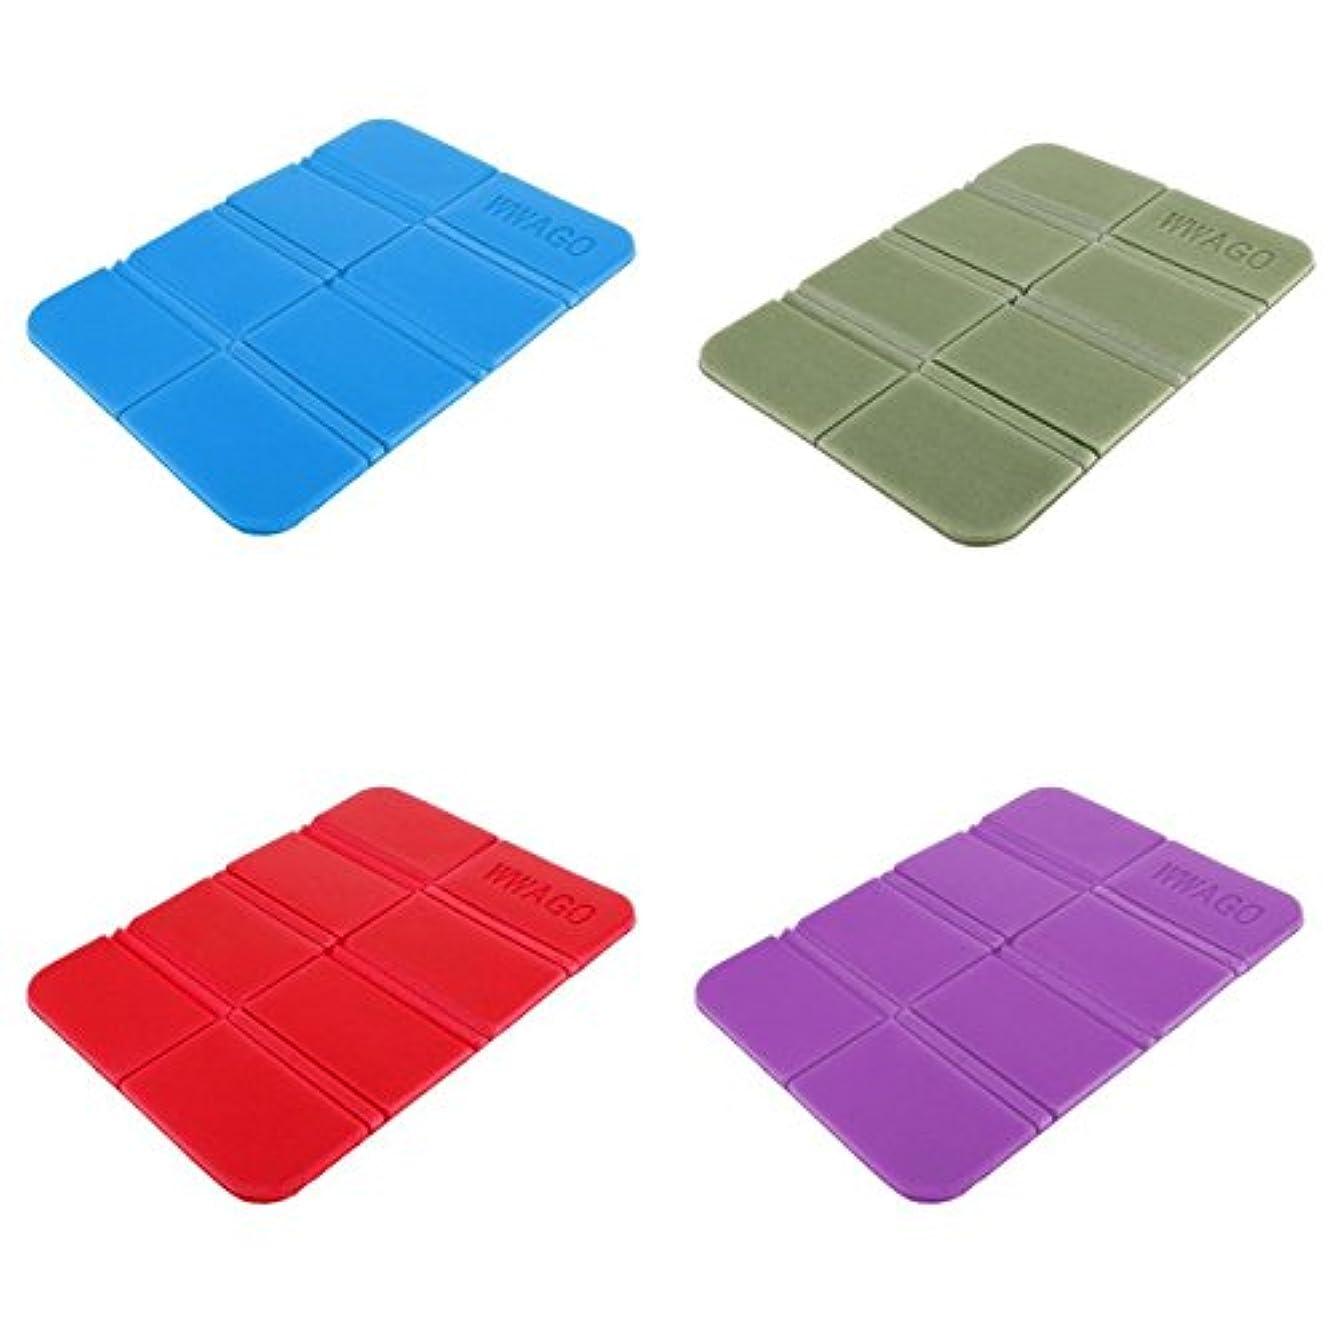 知覚するスキルクレジットT TOOYFUL キャンプシート 折り畳み式 マット キャンプ 防水パッド 耐久性 4本セット